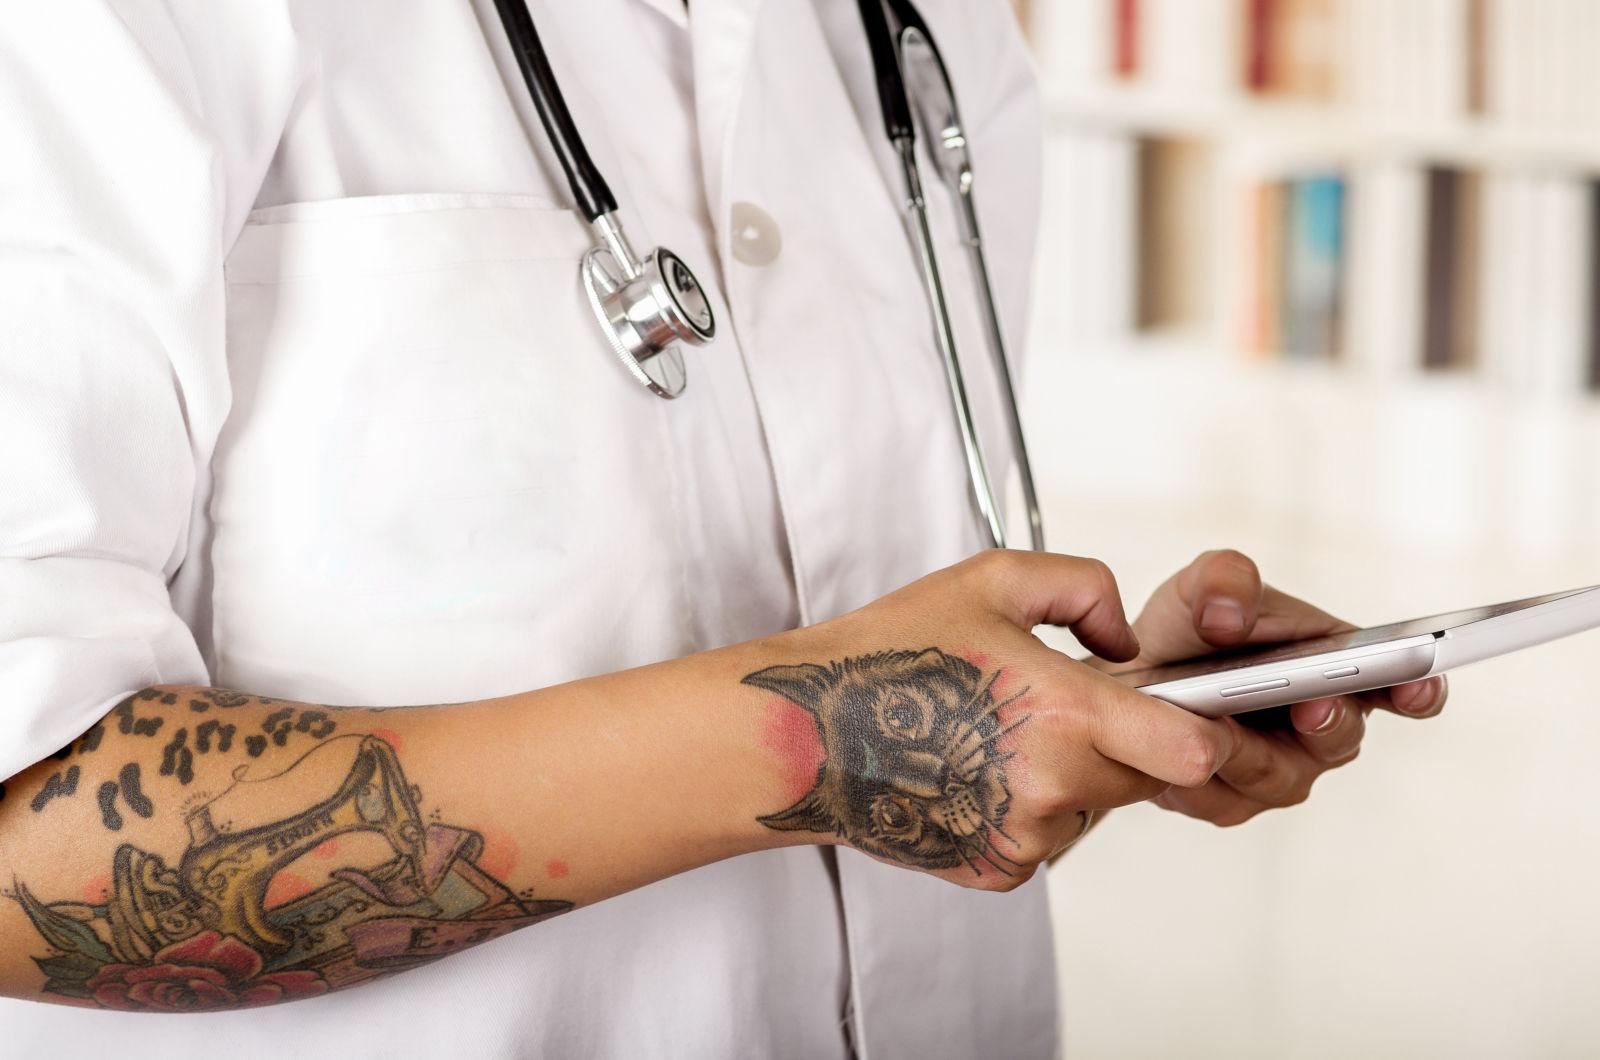 dokter met tattoos